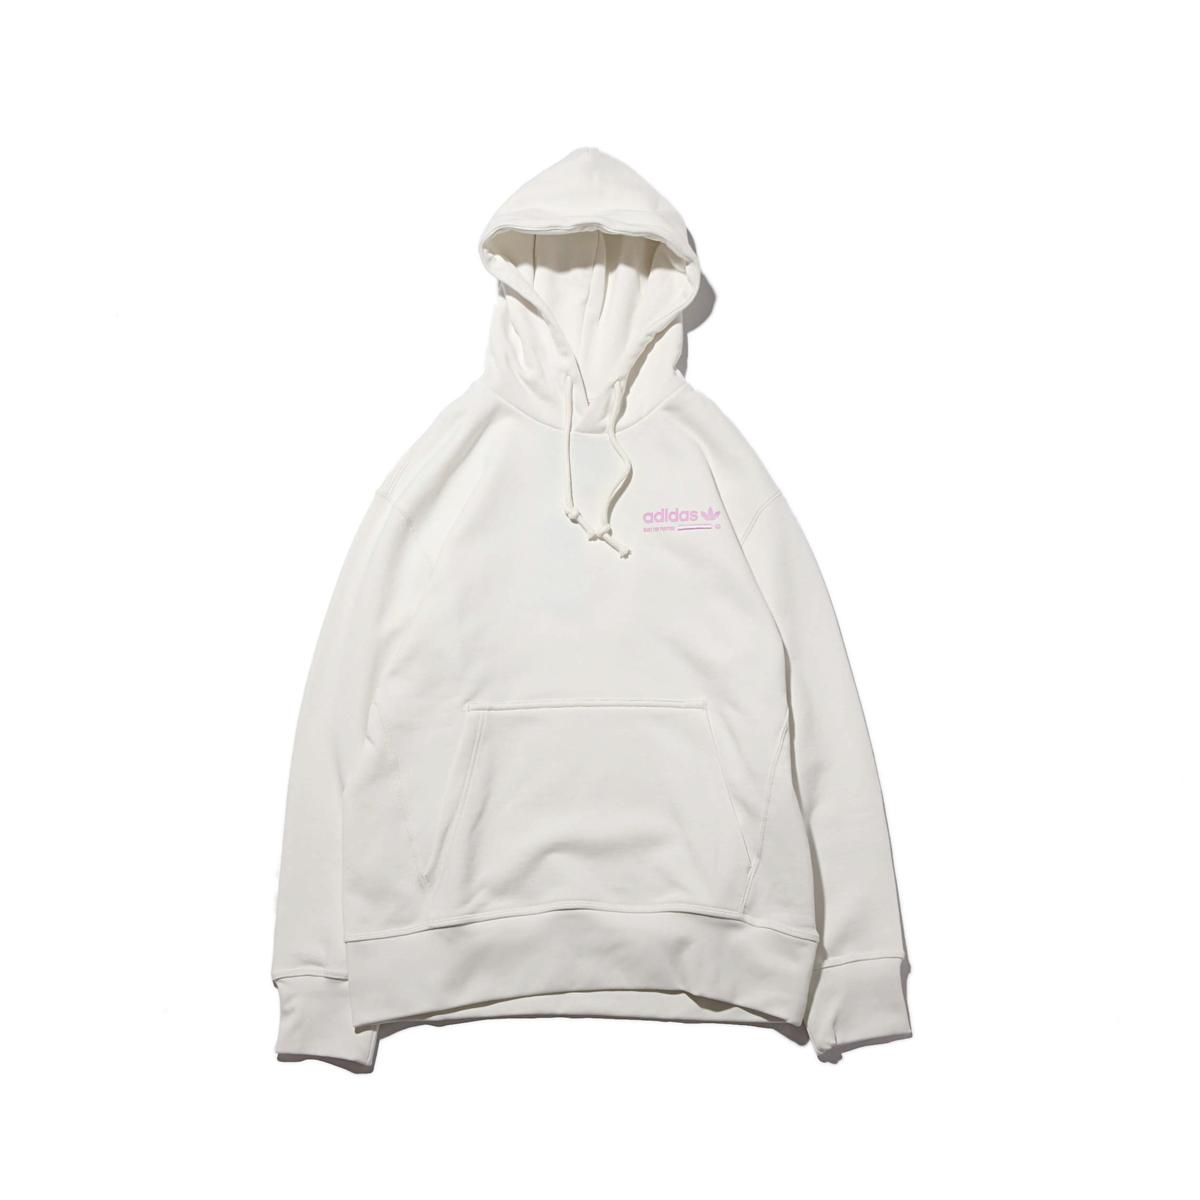 adidas Originals KAVAL OTH HOODIE(アディダス オリジナルス カバルOTH フーディ)CLOUD WHITE【メンズ パーカー】18FW-S